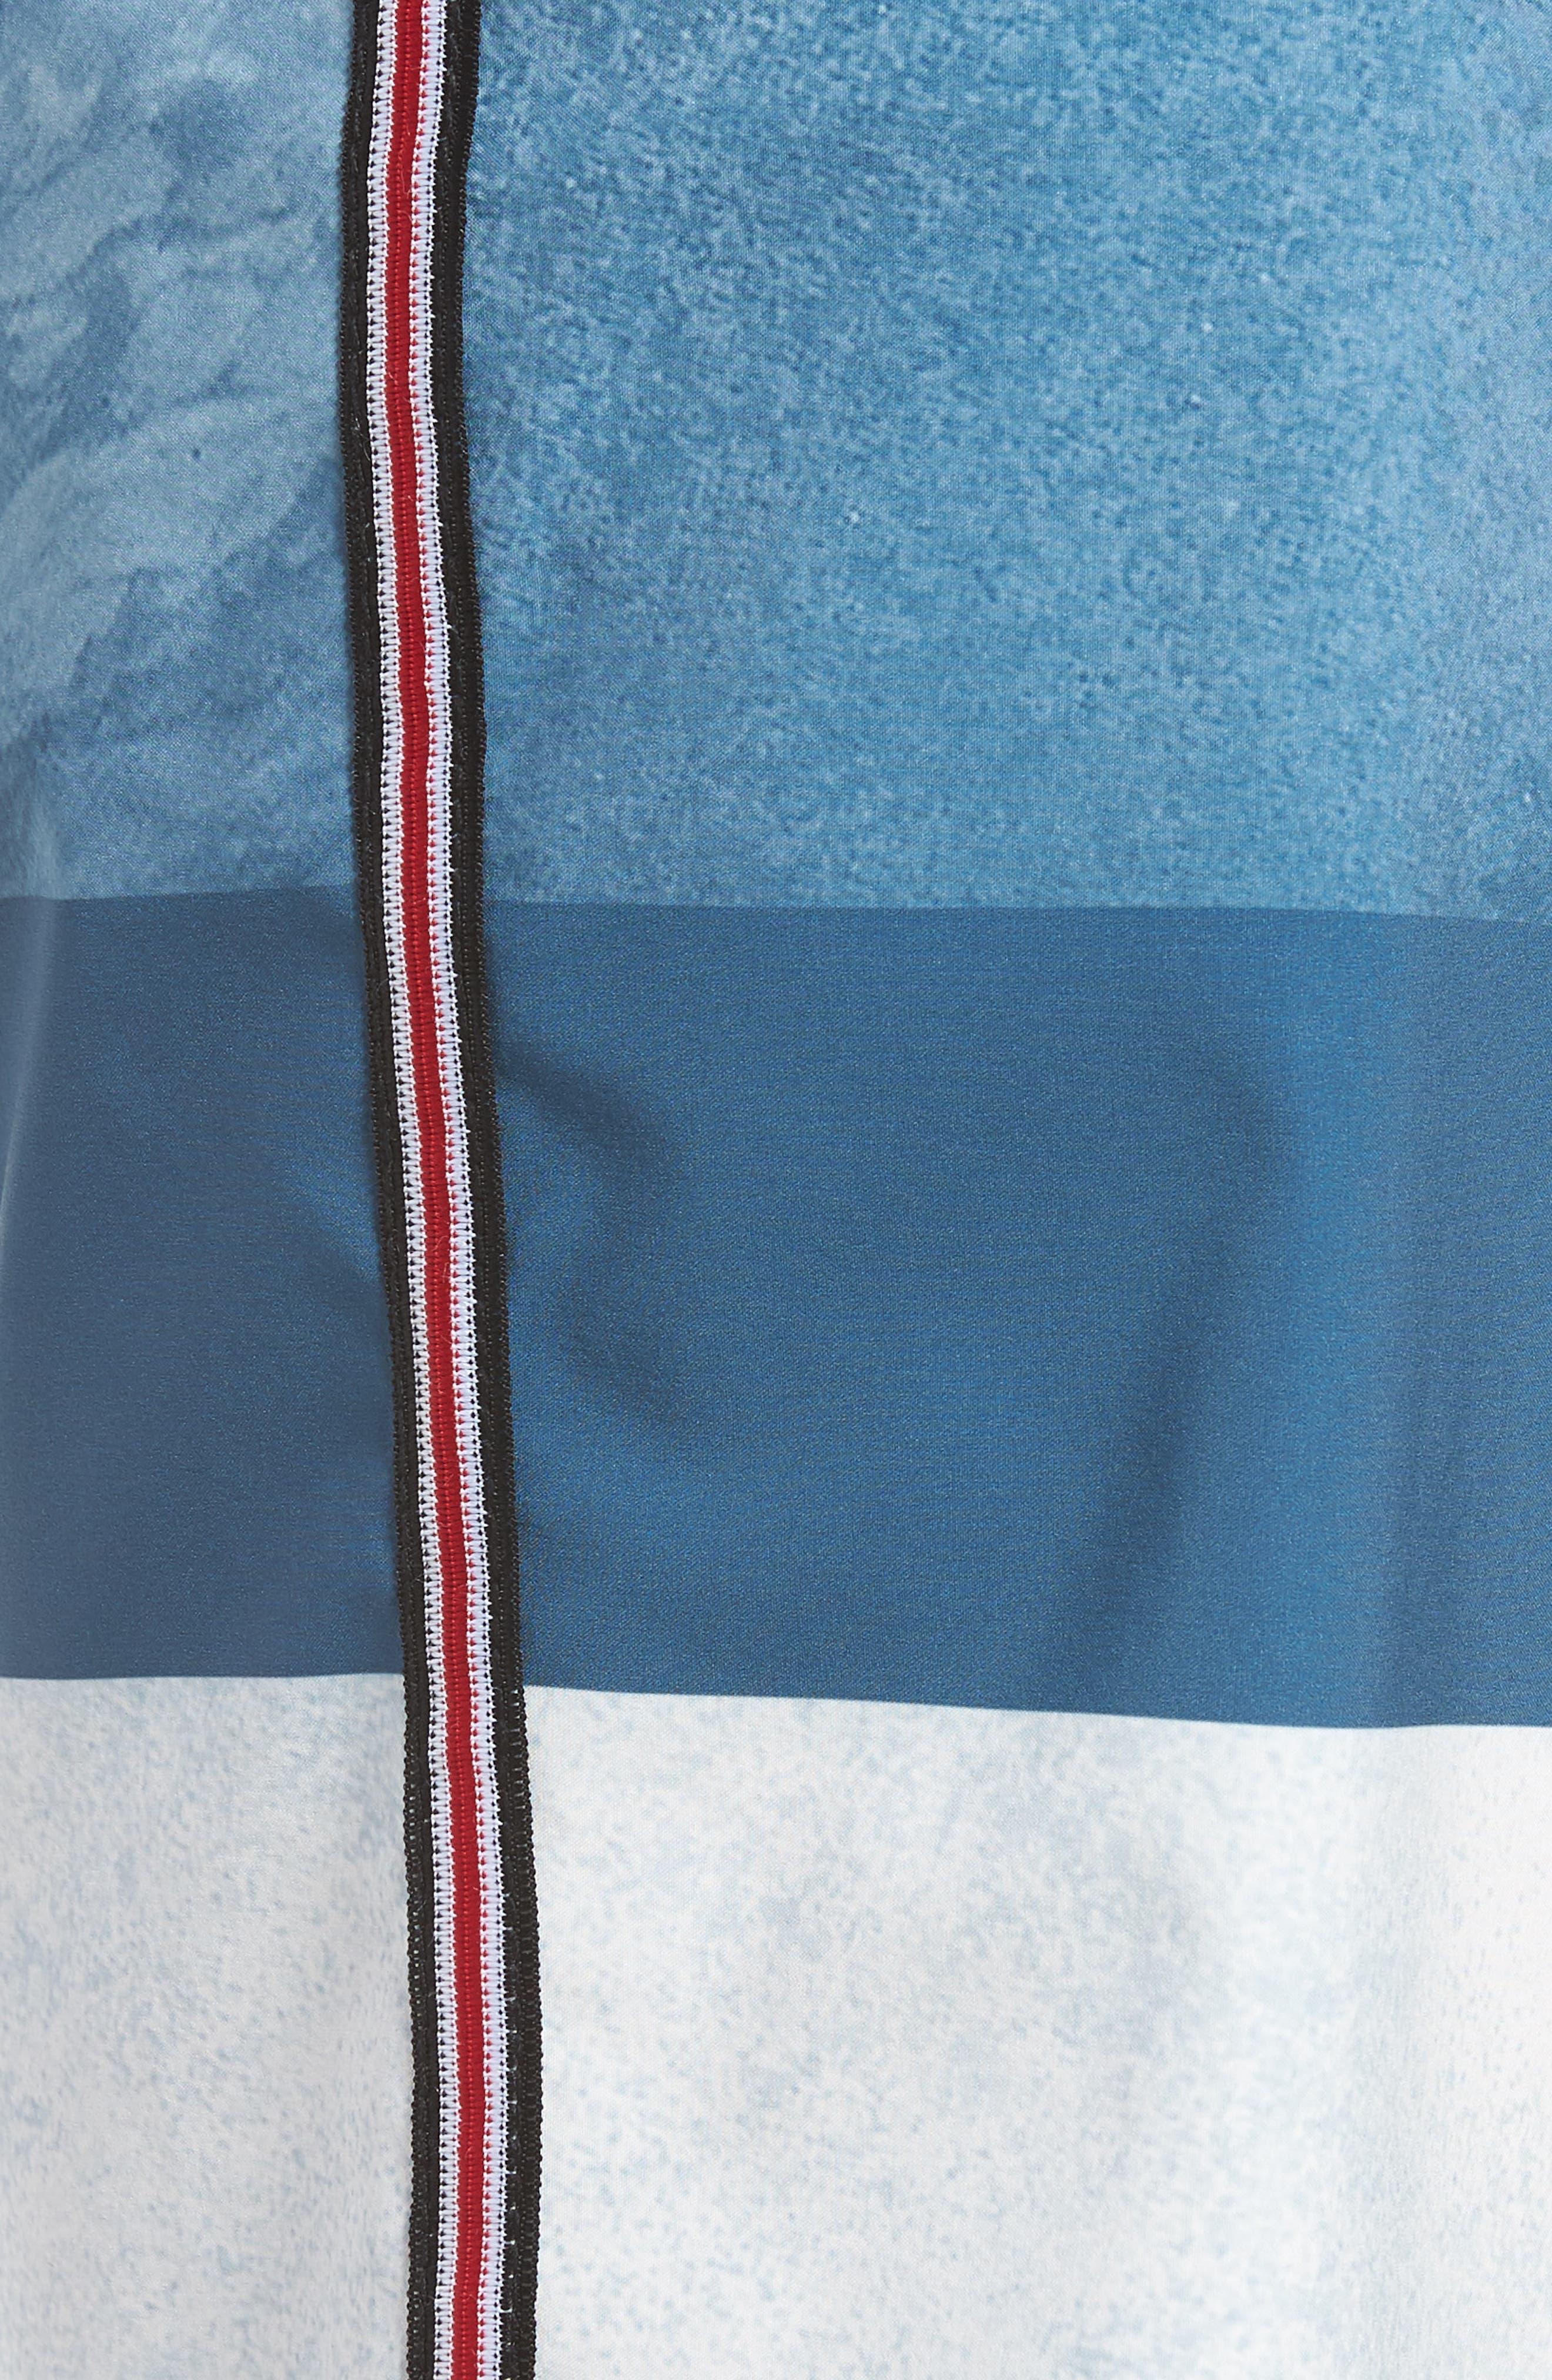 Era Board Shorts,                             Alternate thumbnail 6, color,                             Real Teal/ Nathan Florence